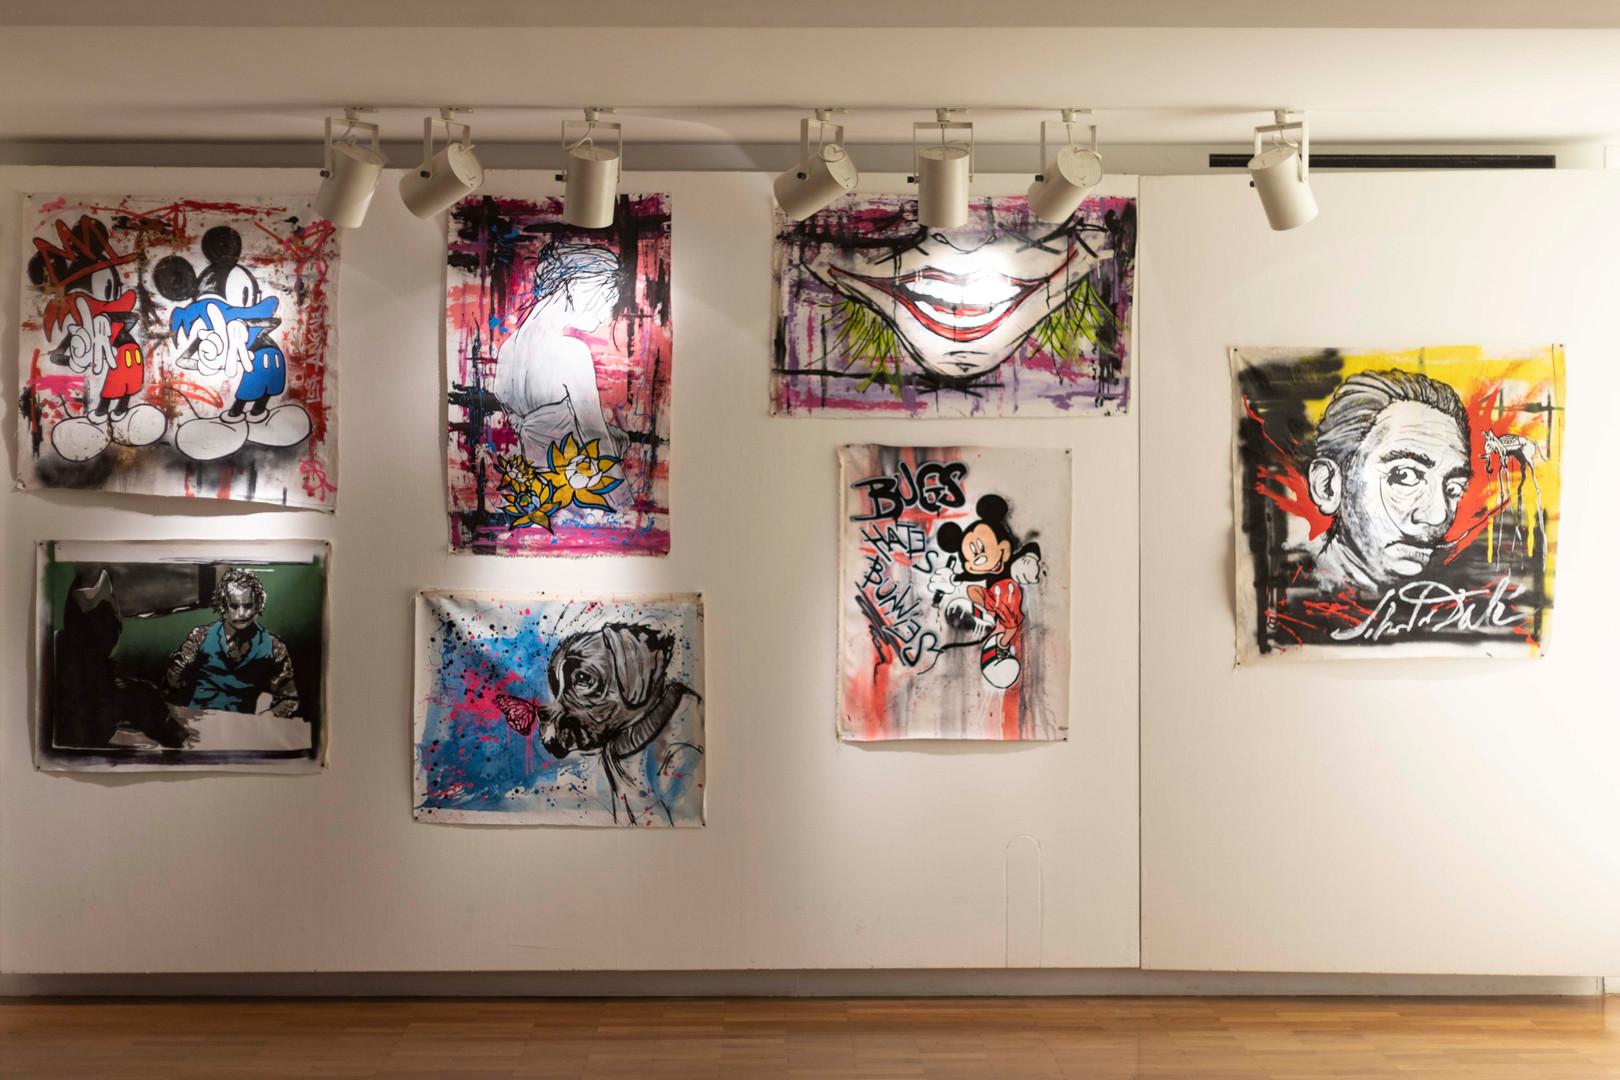 Works by Skott Marsi